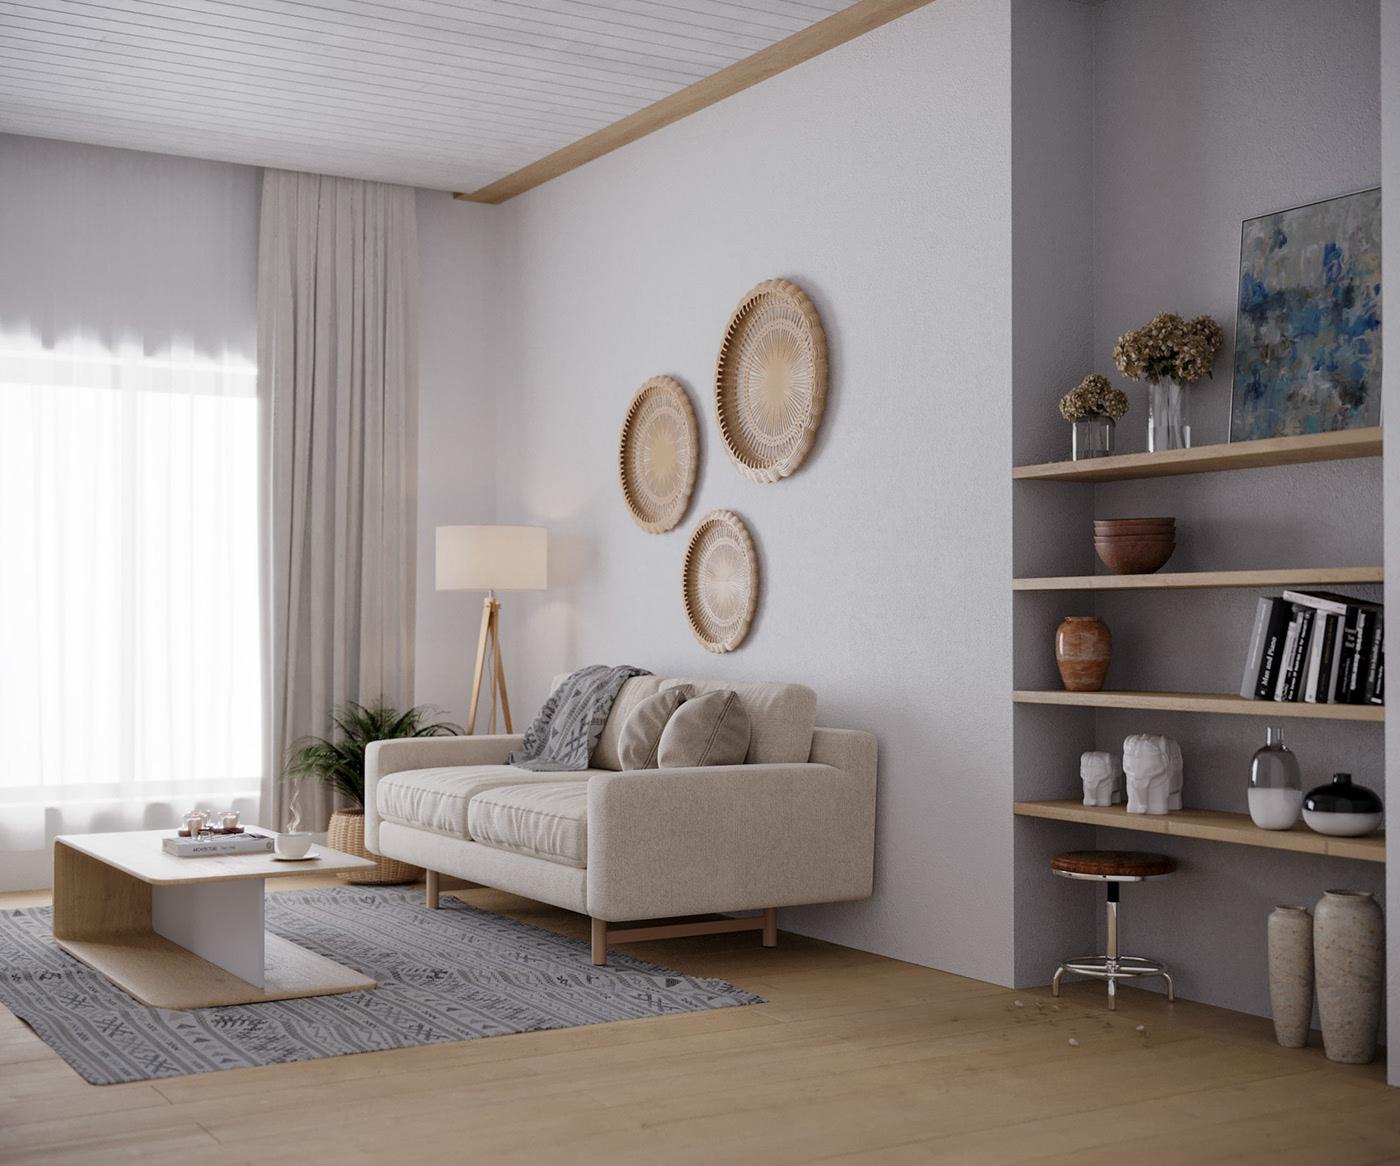 Kiến trúc sư tư vấn thiết kế căn hộ 67m² dành cho cô gái độc thân chi phí 98,3 triệu đồng  - Ảnh 4.